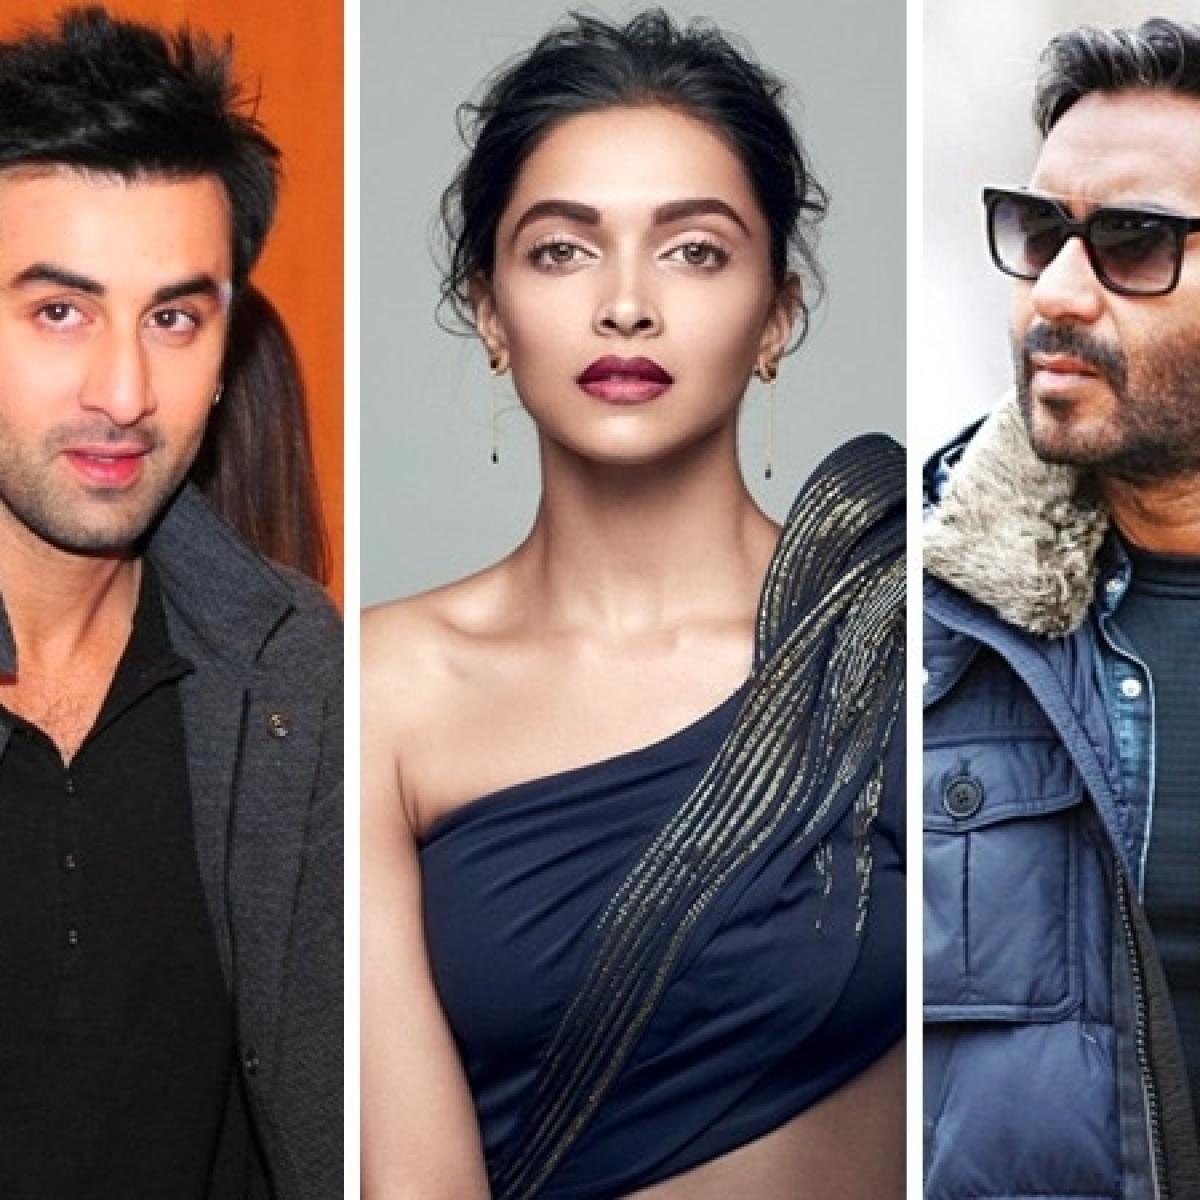 Not Ranbir Kapoor, but Deepika Padukone is Ajay Devgn's leading lady in Luv Ranjan's next